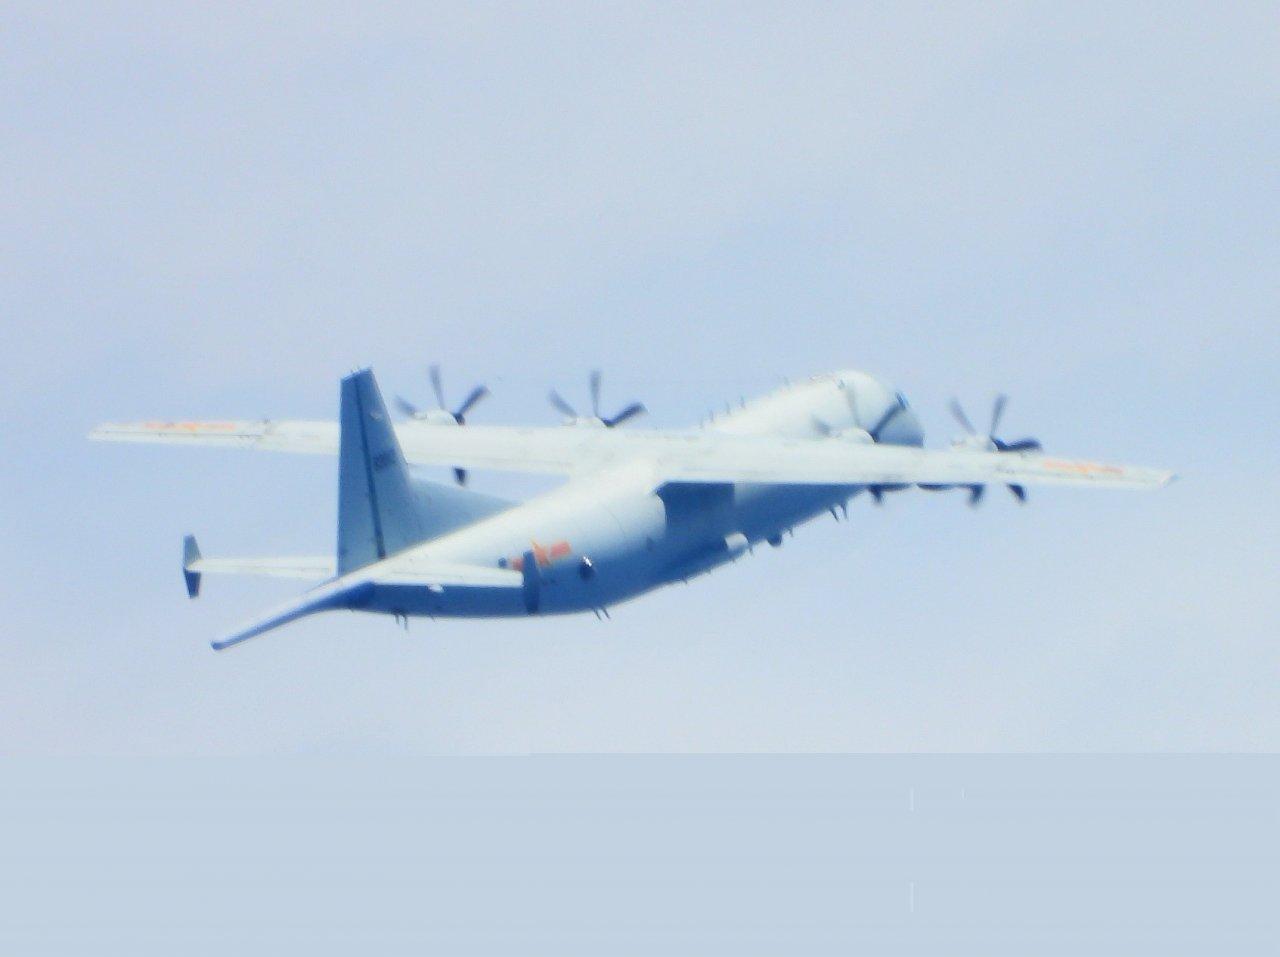 中國軍機頻擾台 美國防部前官員:軍事挑釁對恐嚇台灣無效